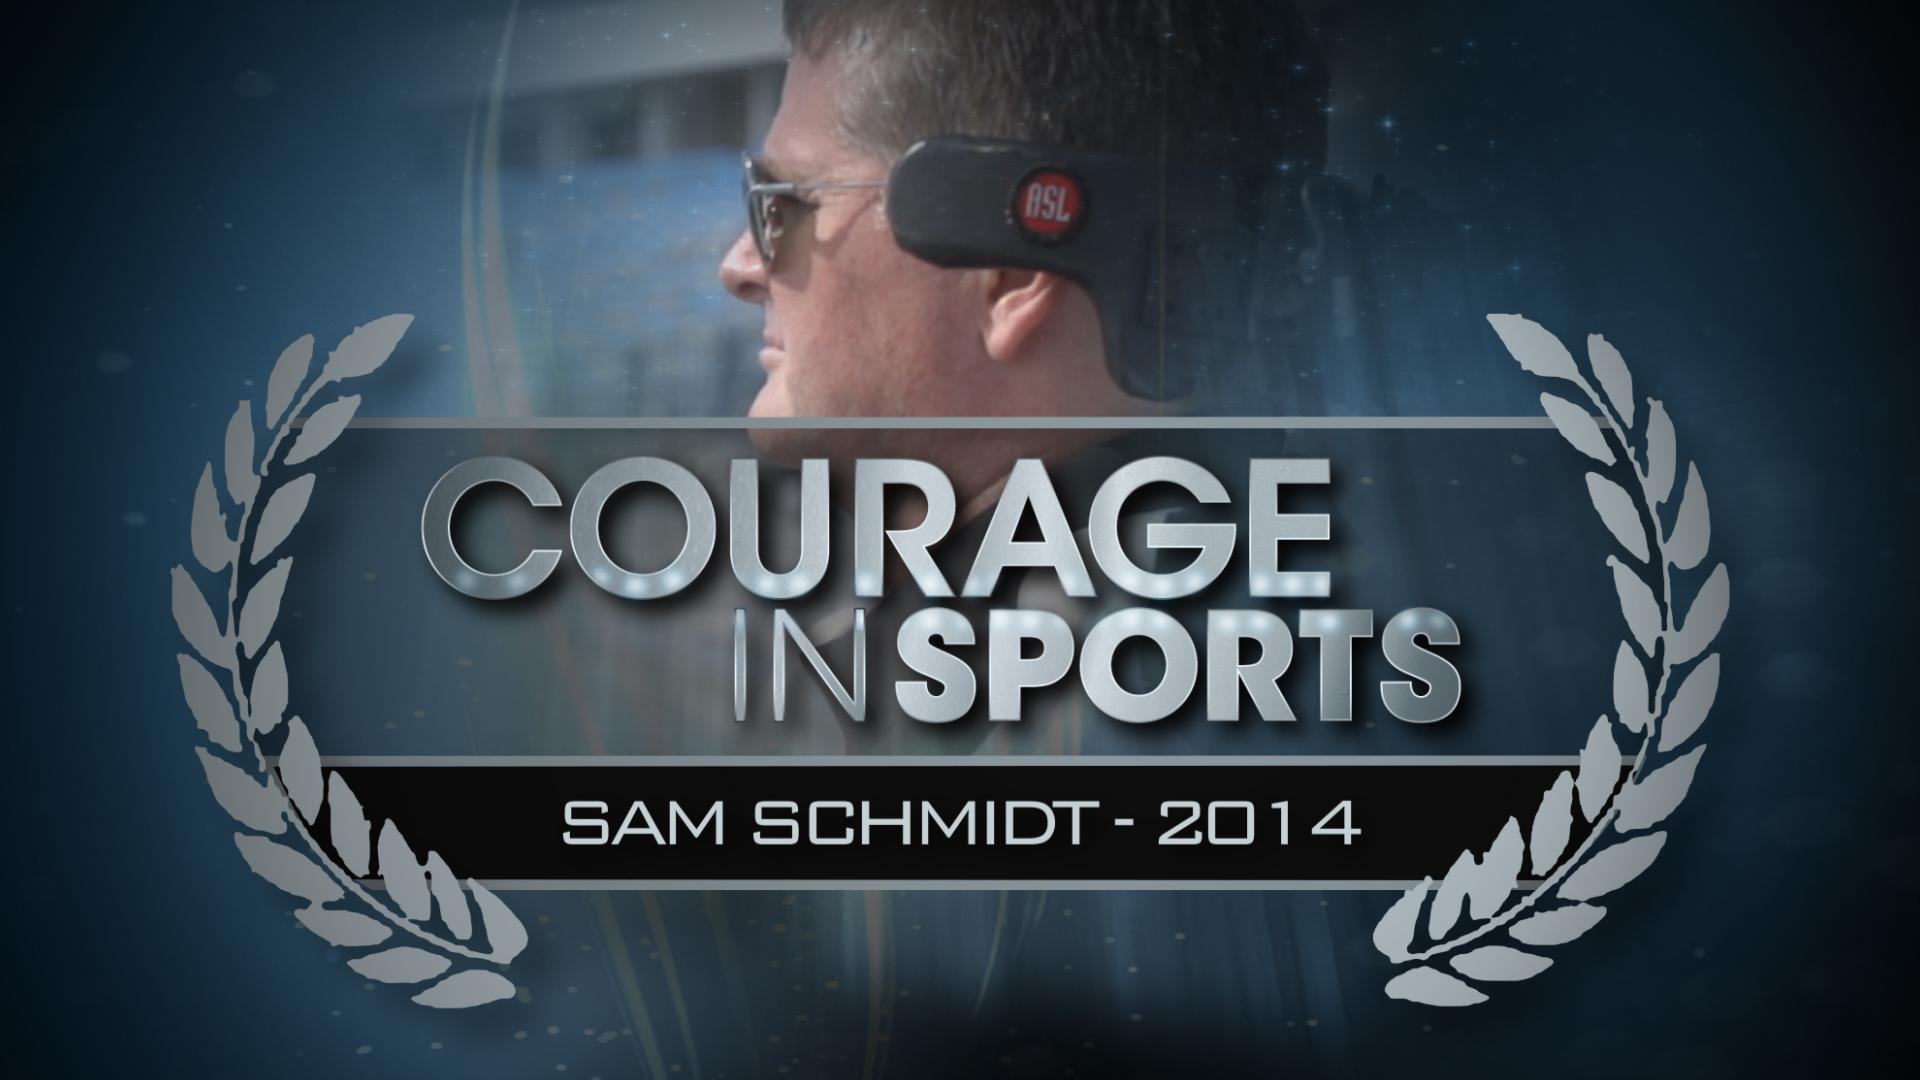 Lap of a lifetime: Sam Schmidt's story